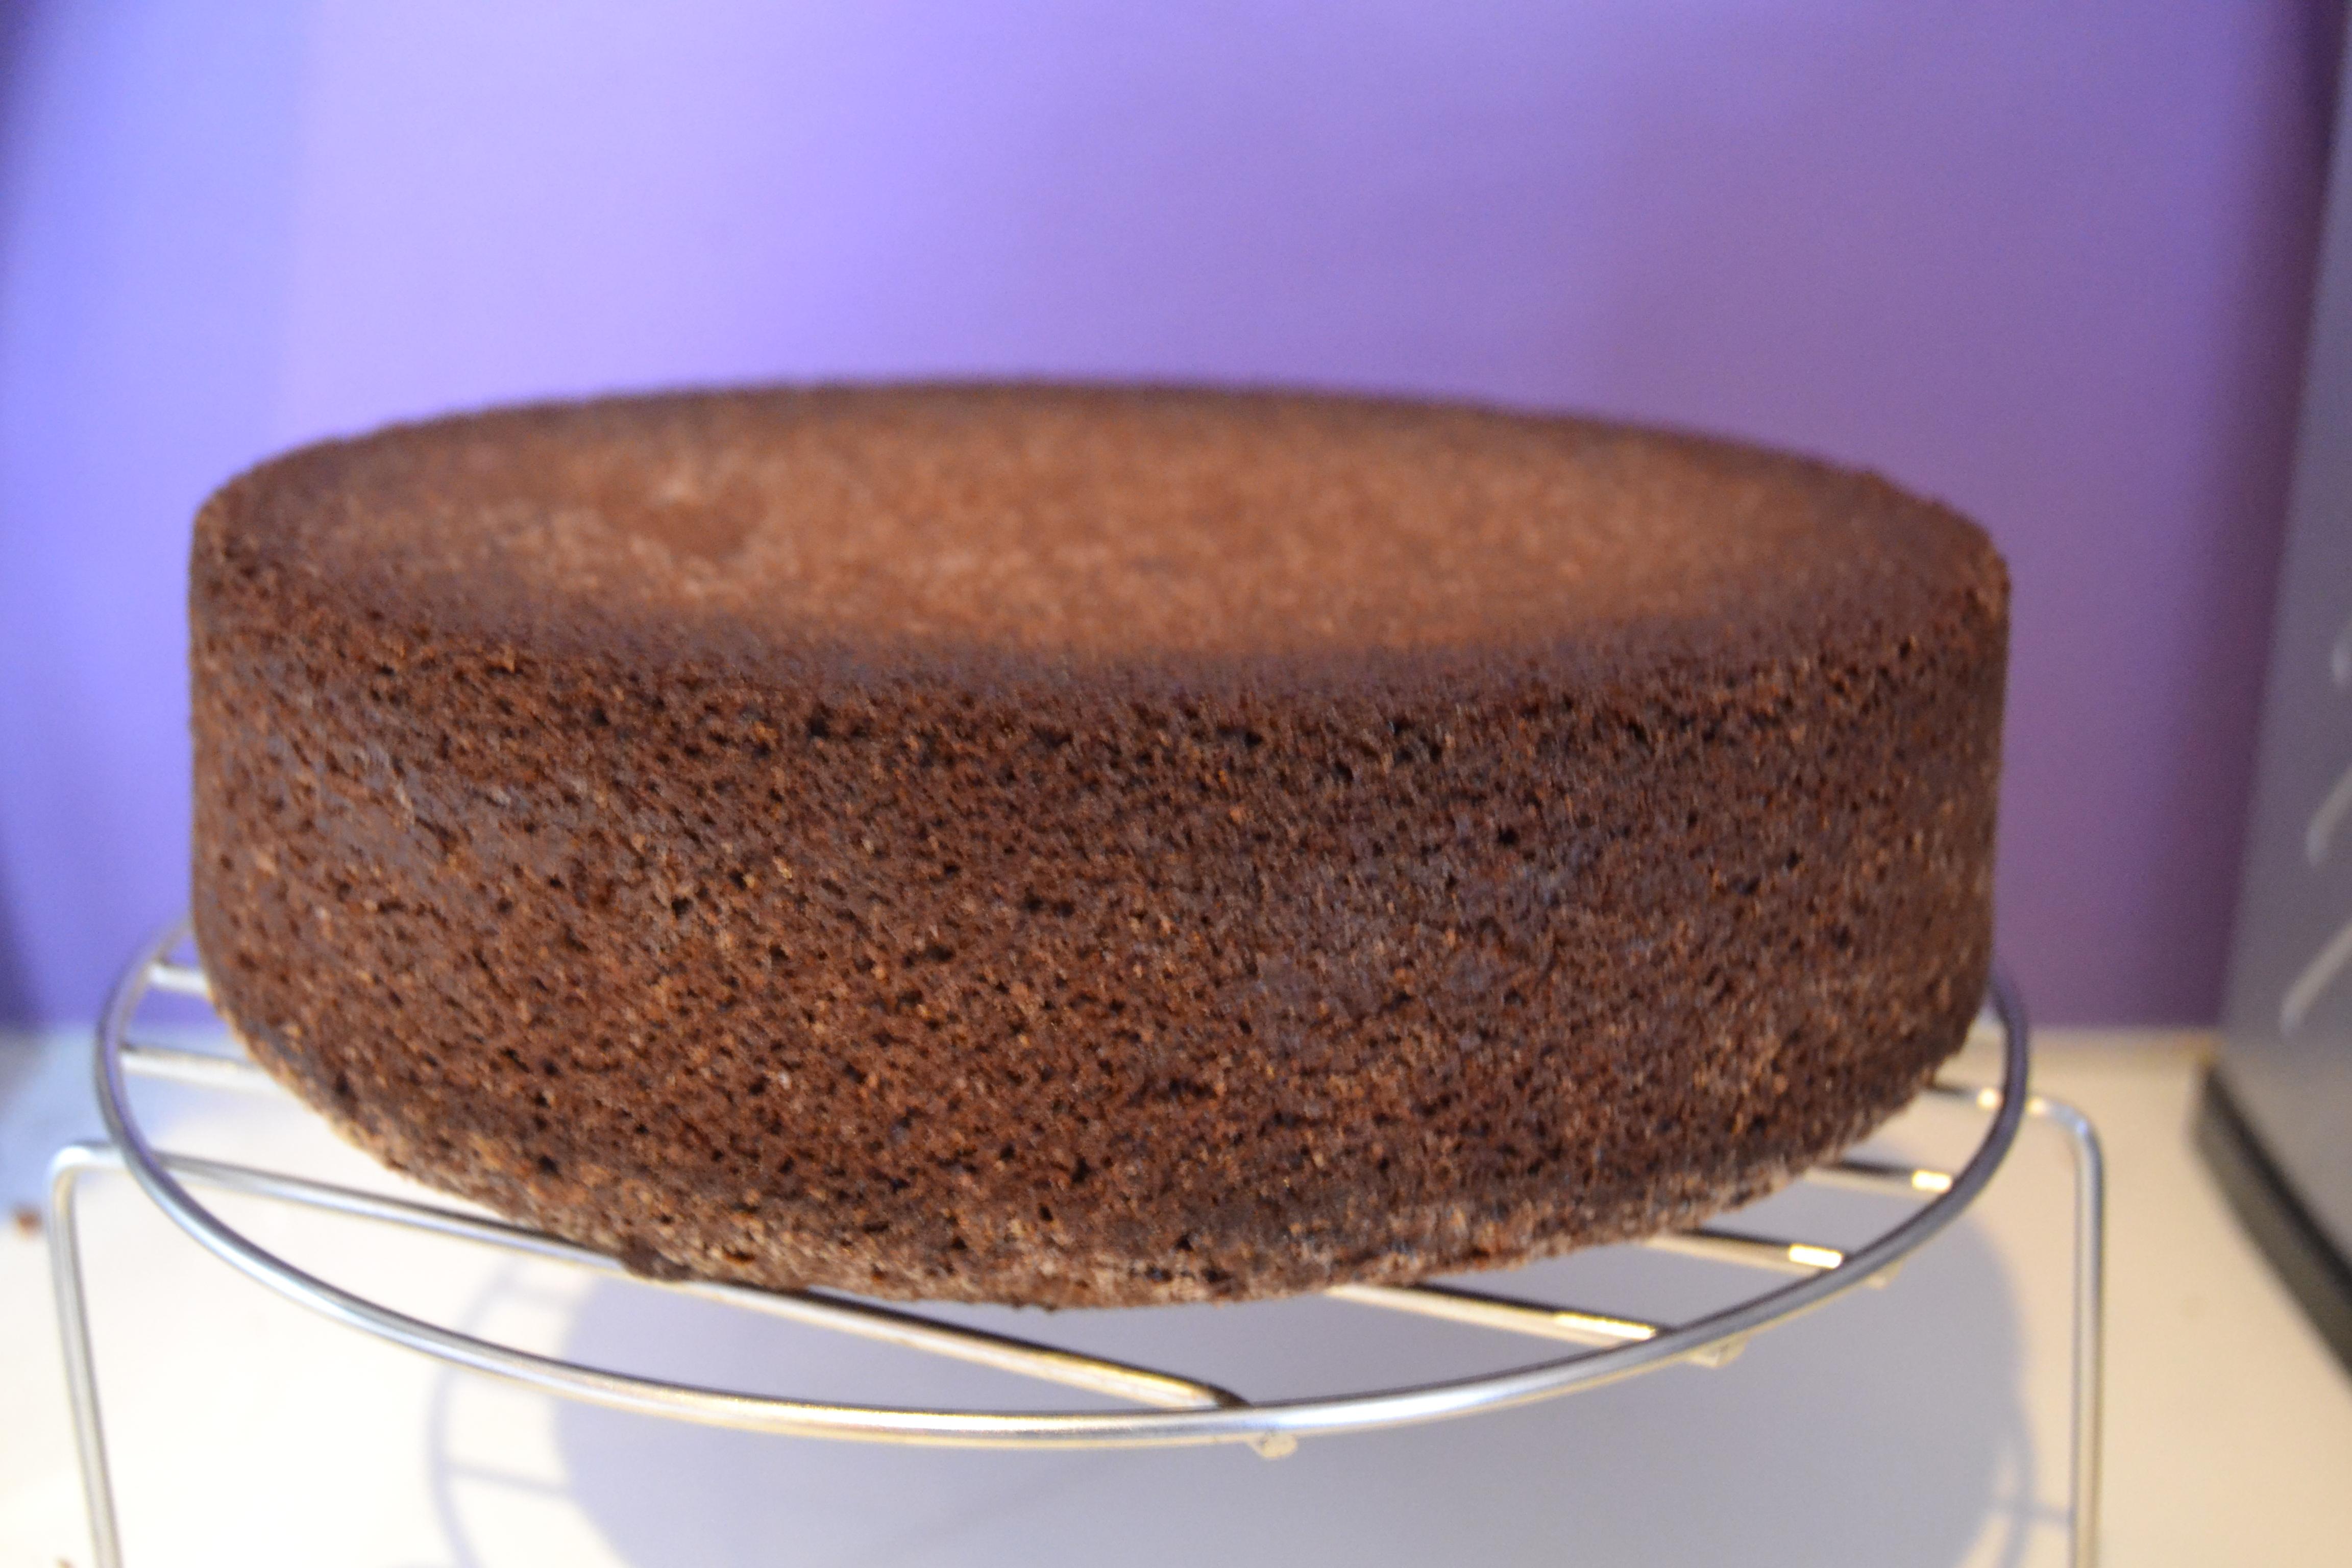 Moelleux Au Chocolat Recette Ideal Cake Design Gateau A Croquer